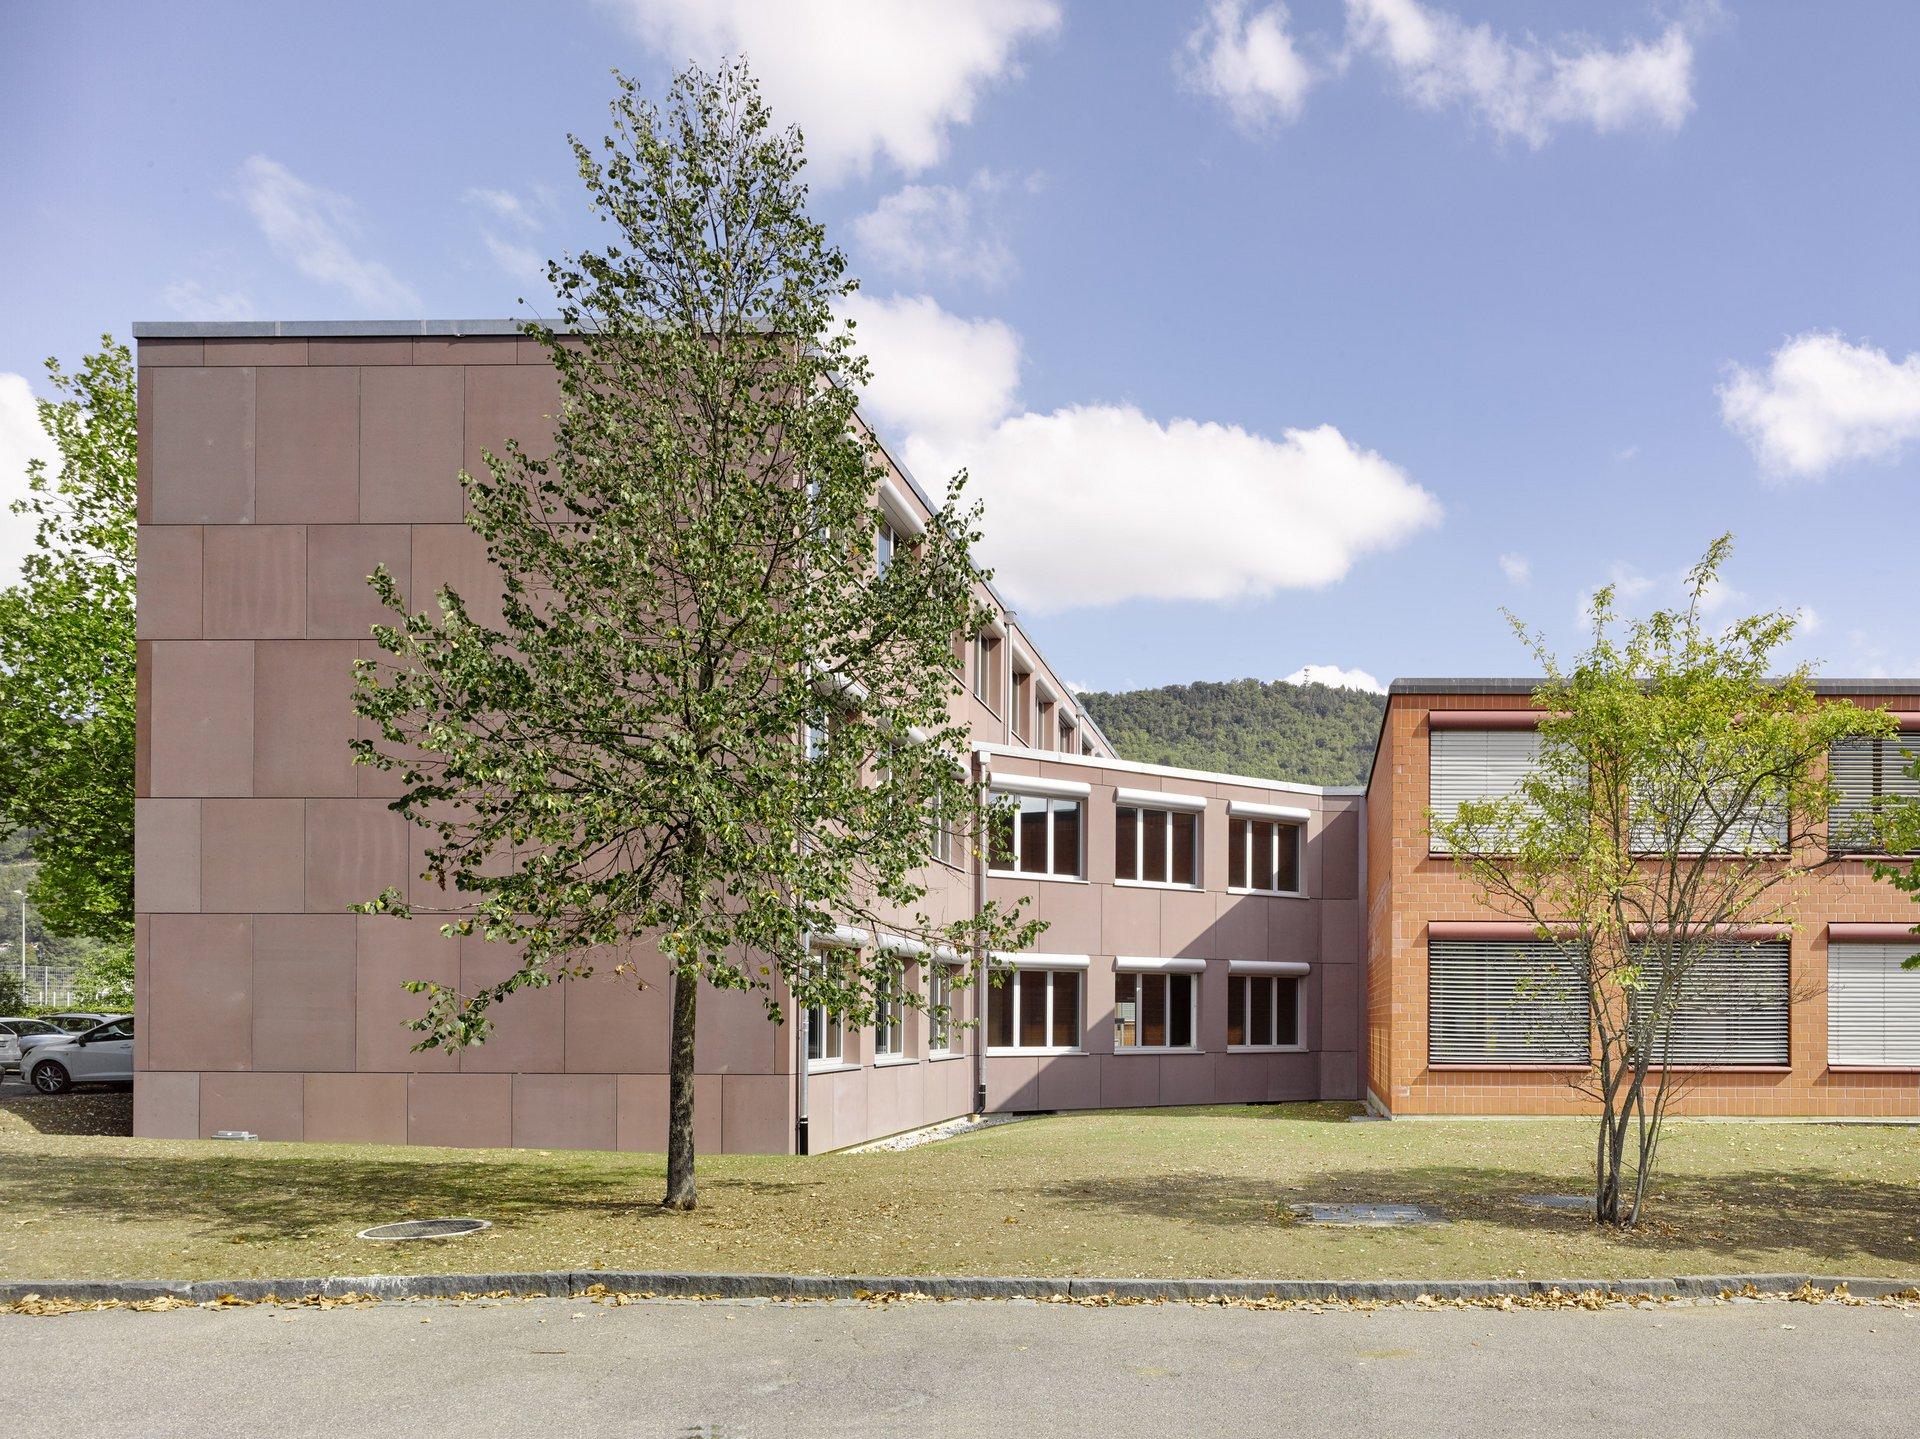 3-teiliges 2-3-geschossiges Gebäude mit grossen Fensterelementen